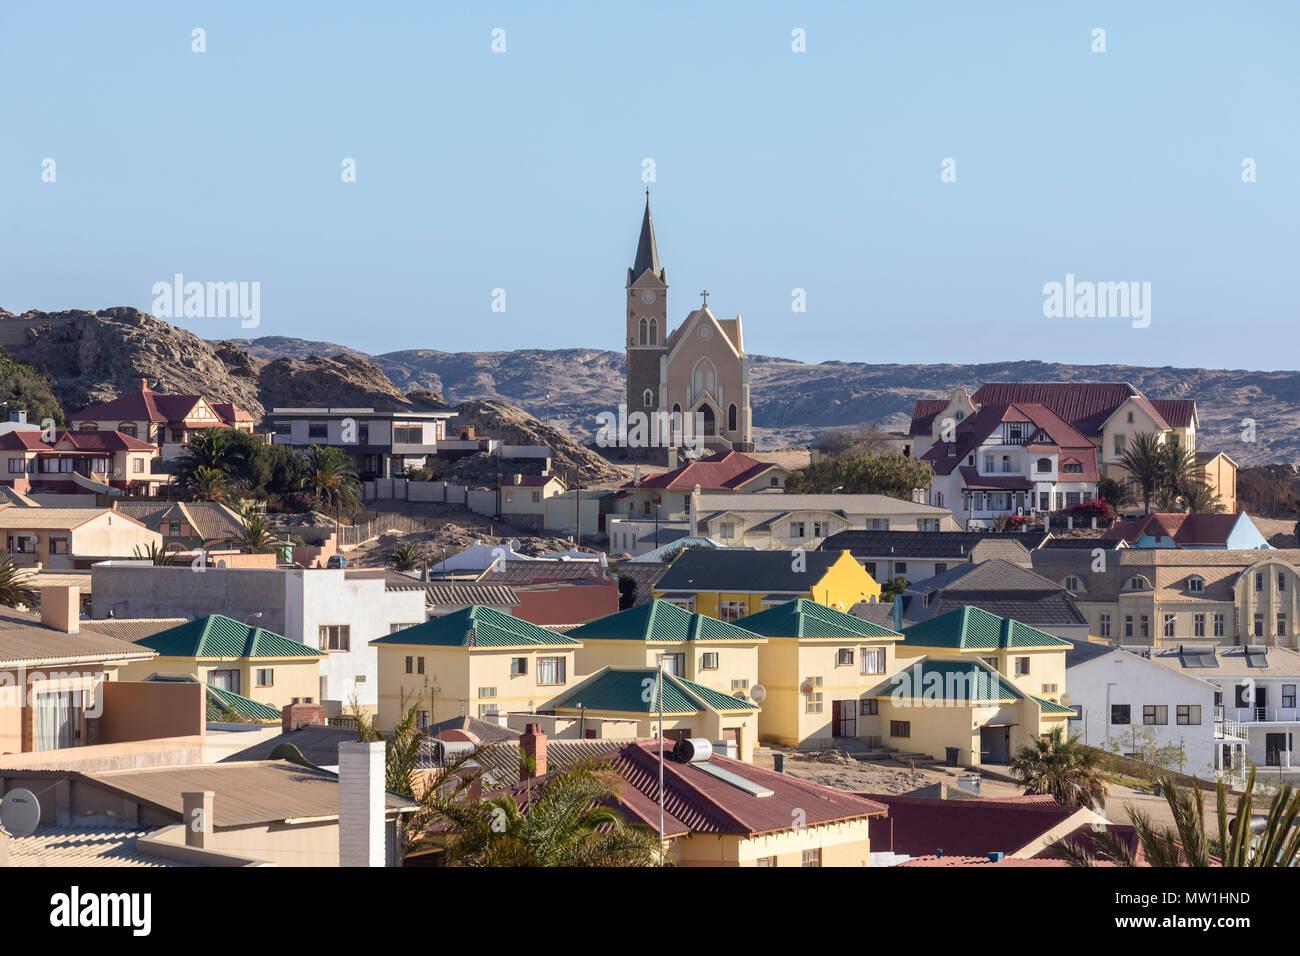 Luderitz, Namibia, Africa - Stock Image